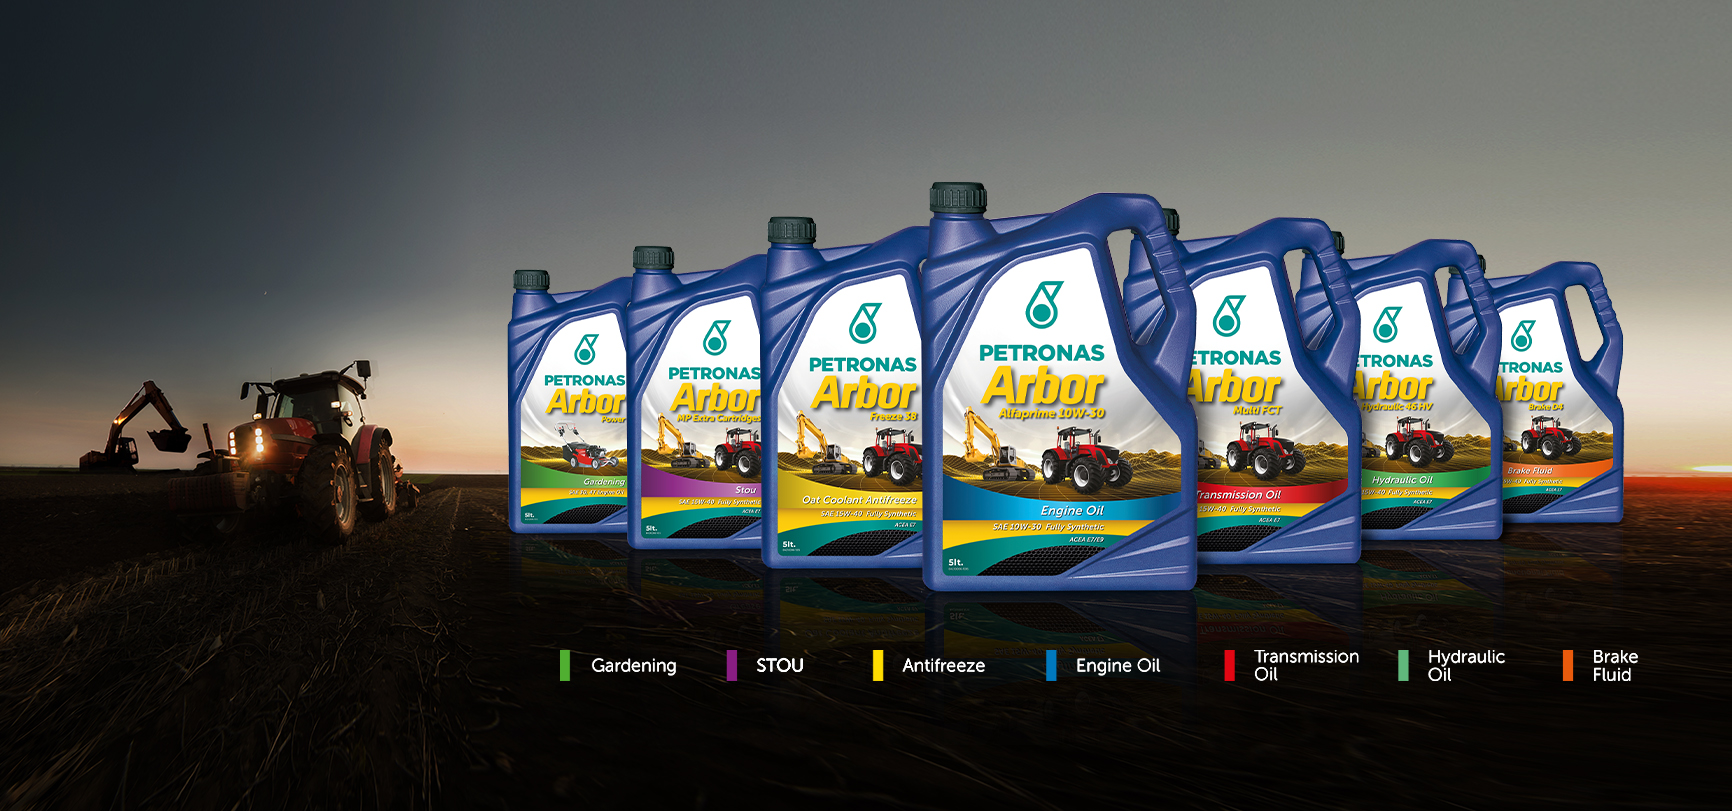 La gamma PETRONAS Arbor - la linea di lubrificanti per le macchine agricole e movimento terra